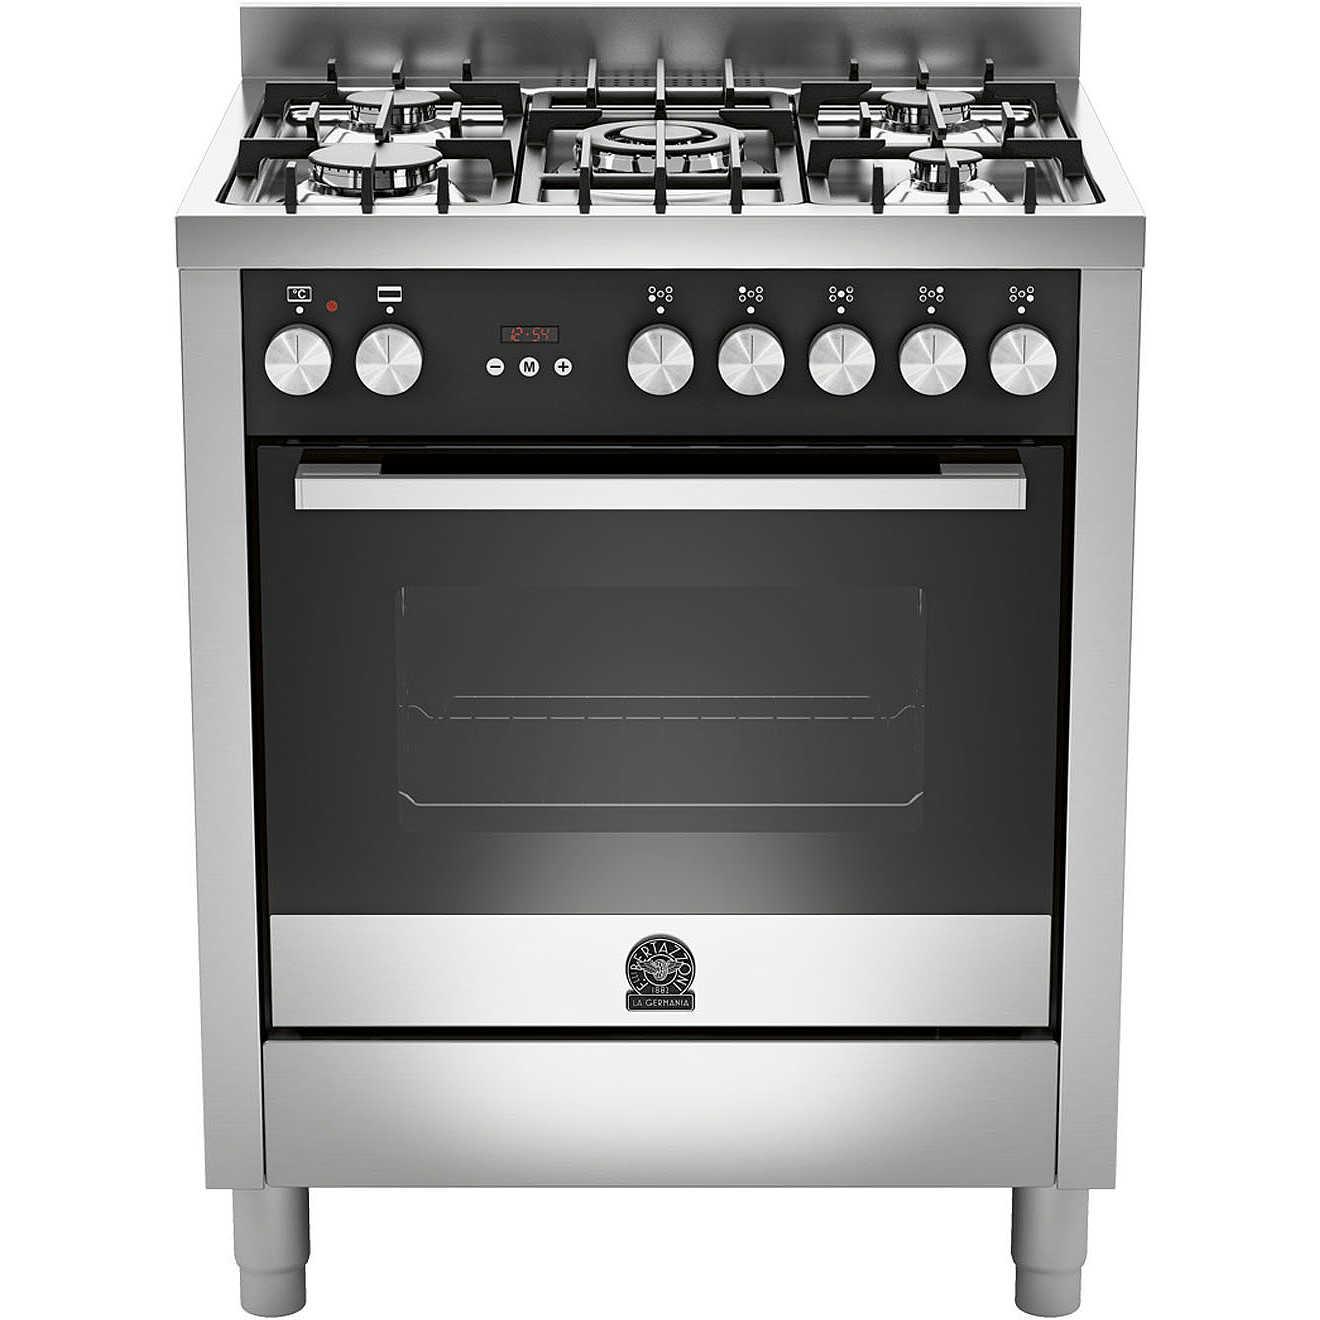 la germania ftr705mfesxt cucina 70x60 5 fuochi a gas forno